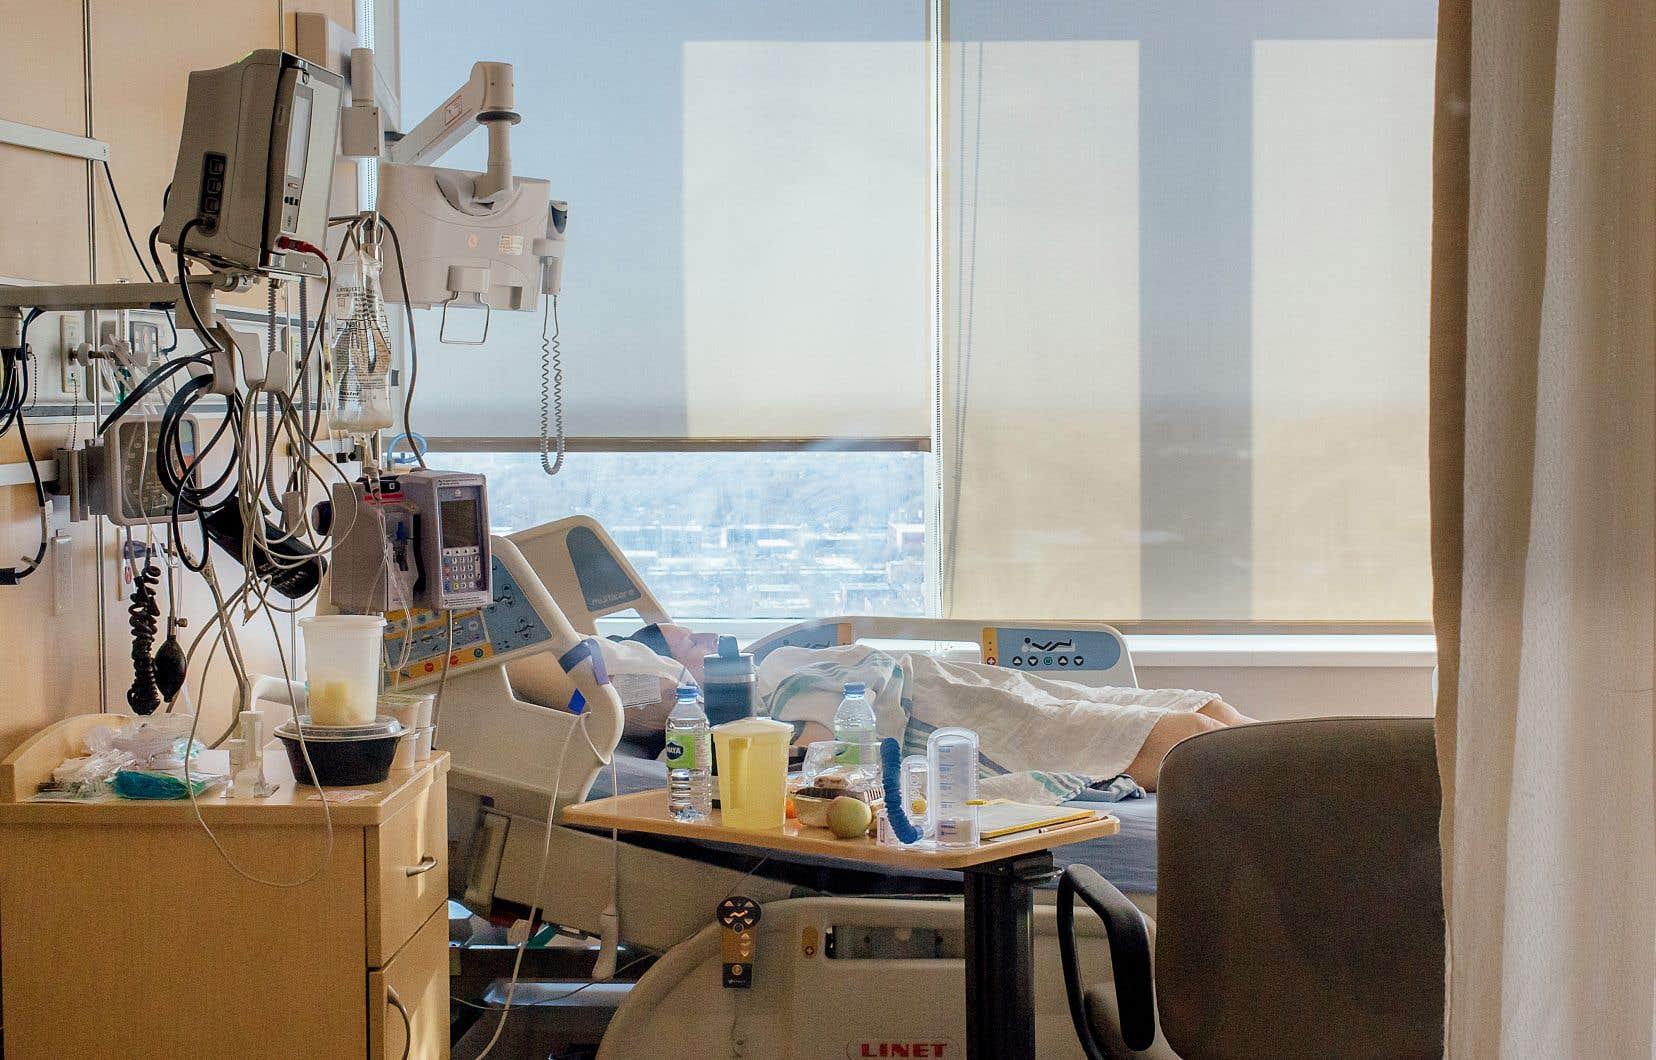 Dans certains hôpitaux, les patients «guéris» sont presque aussi nombreux sur les étages que ceux qui sont comptabilisés dans le bilan COVID-19.